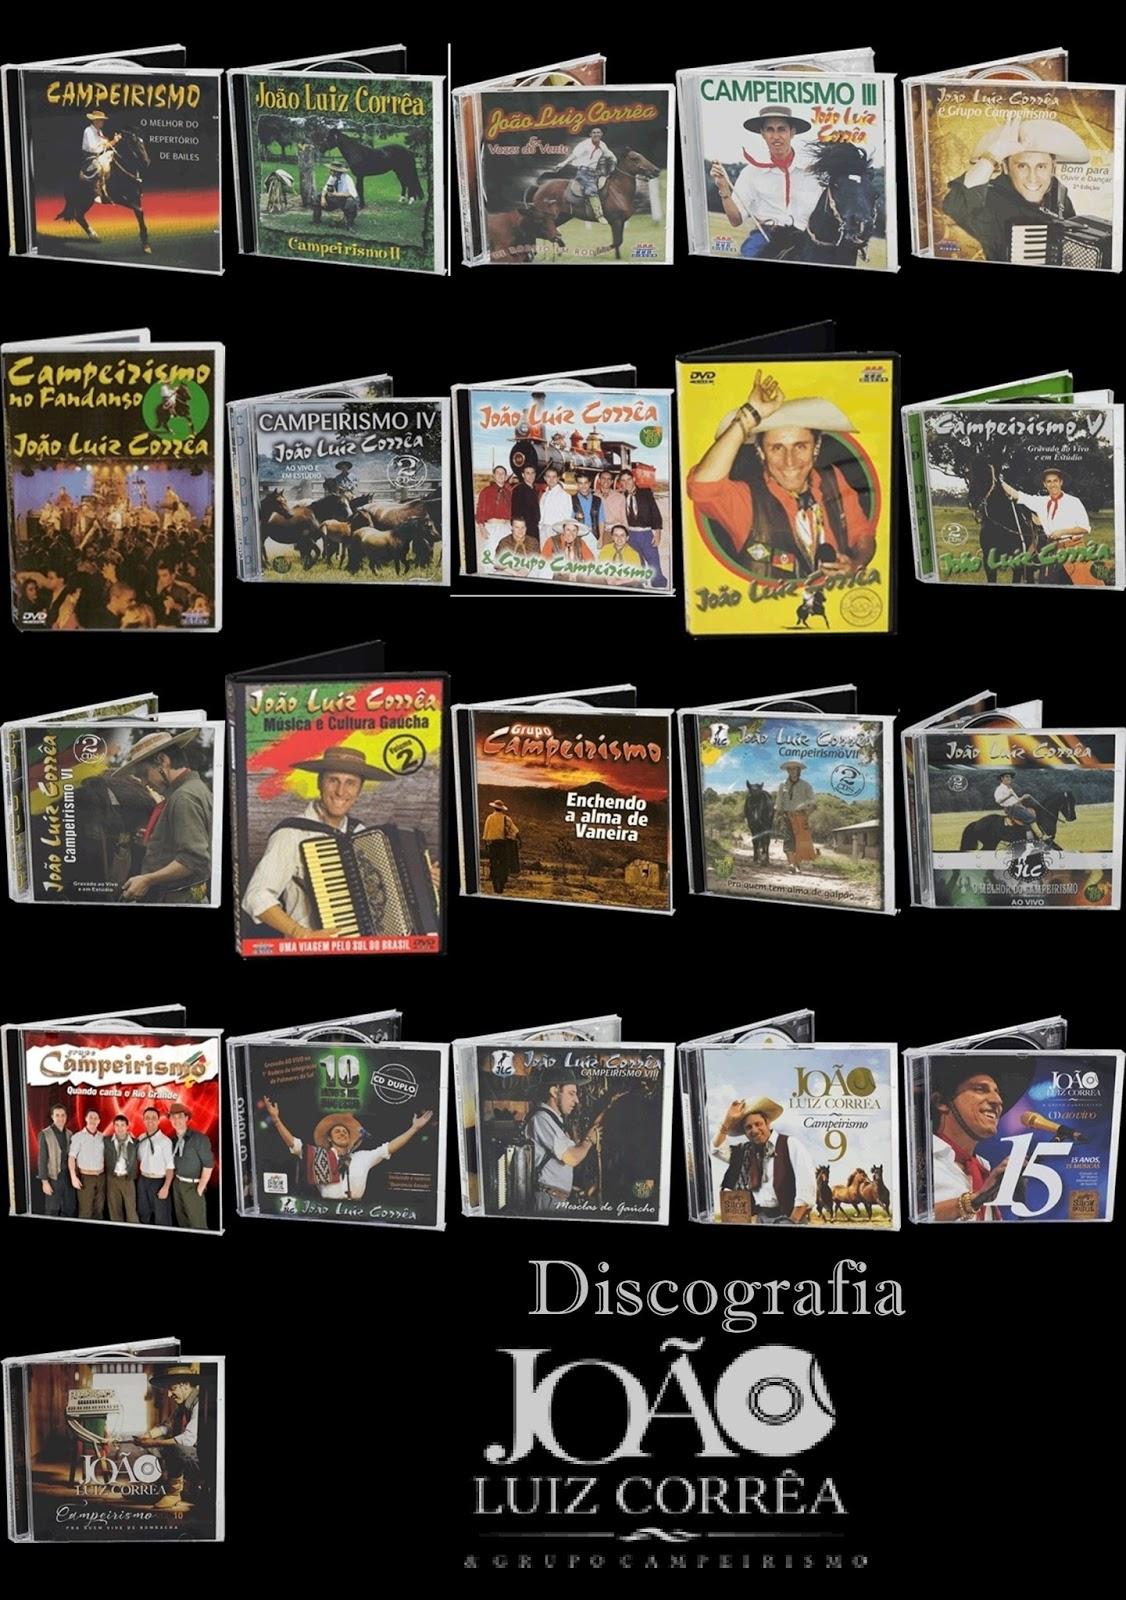 VIVO E AO BAIXAR 2005 CD BORDONEIO CHIQUITO